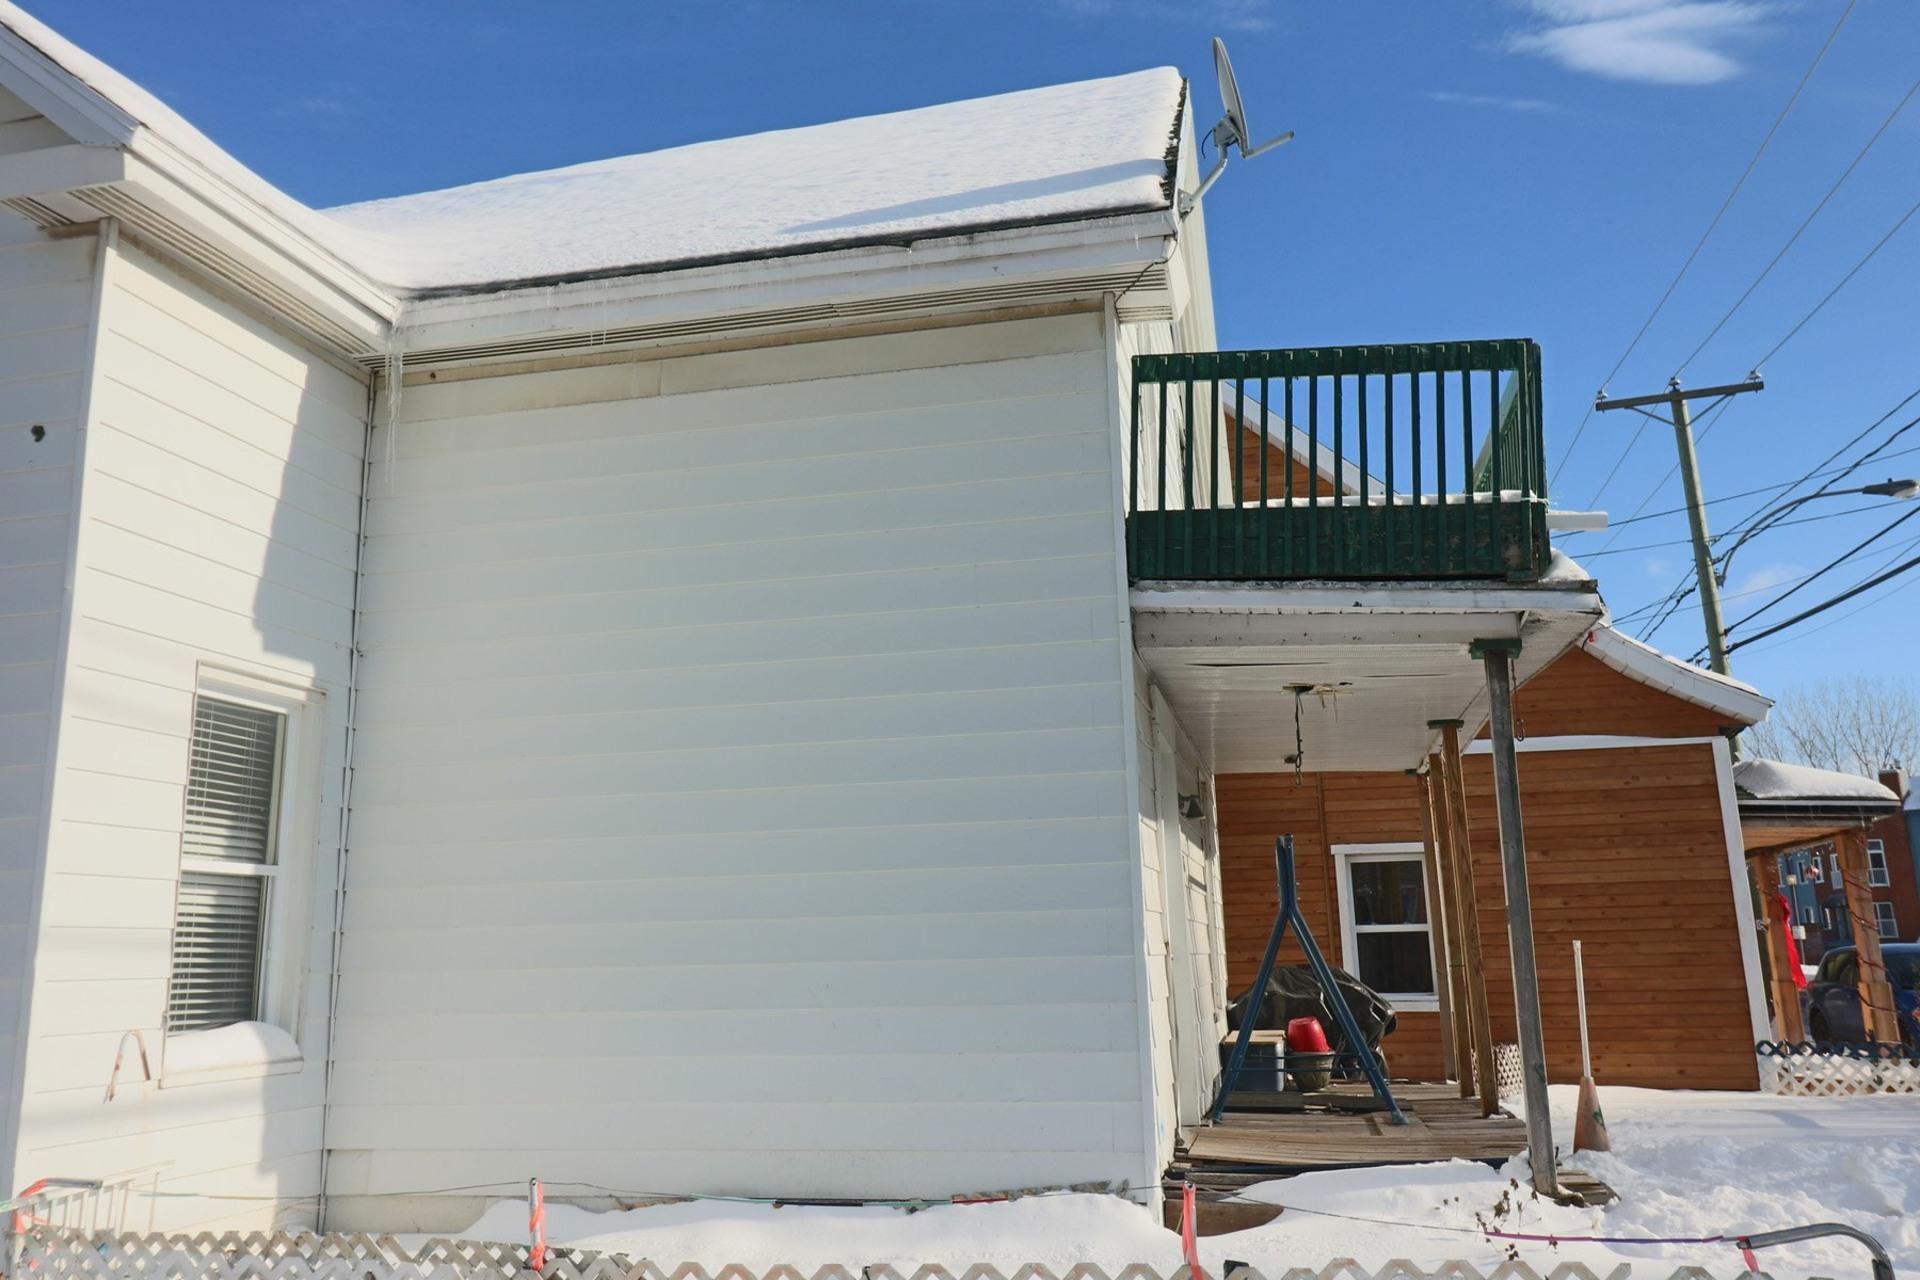 image 2 - Duplex For sale Trois-Rivières - 4 rooms